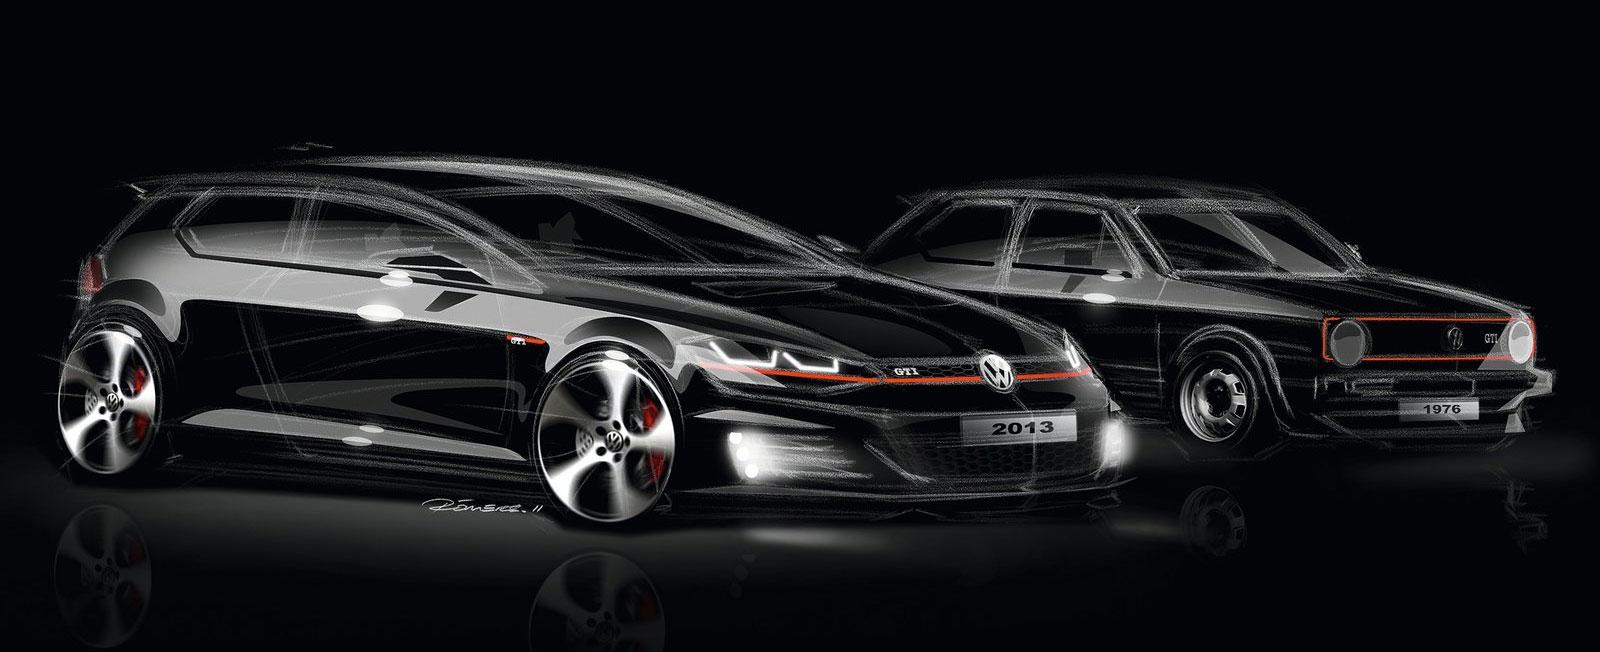 Foto Keren Volkswagen Golf GTI MK7-17